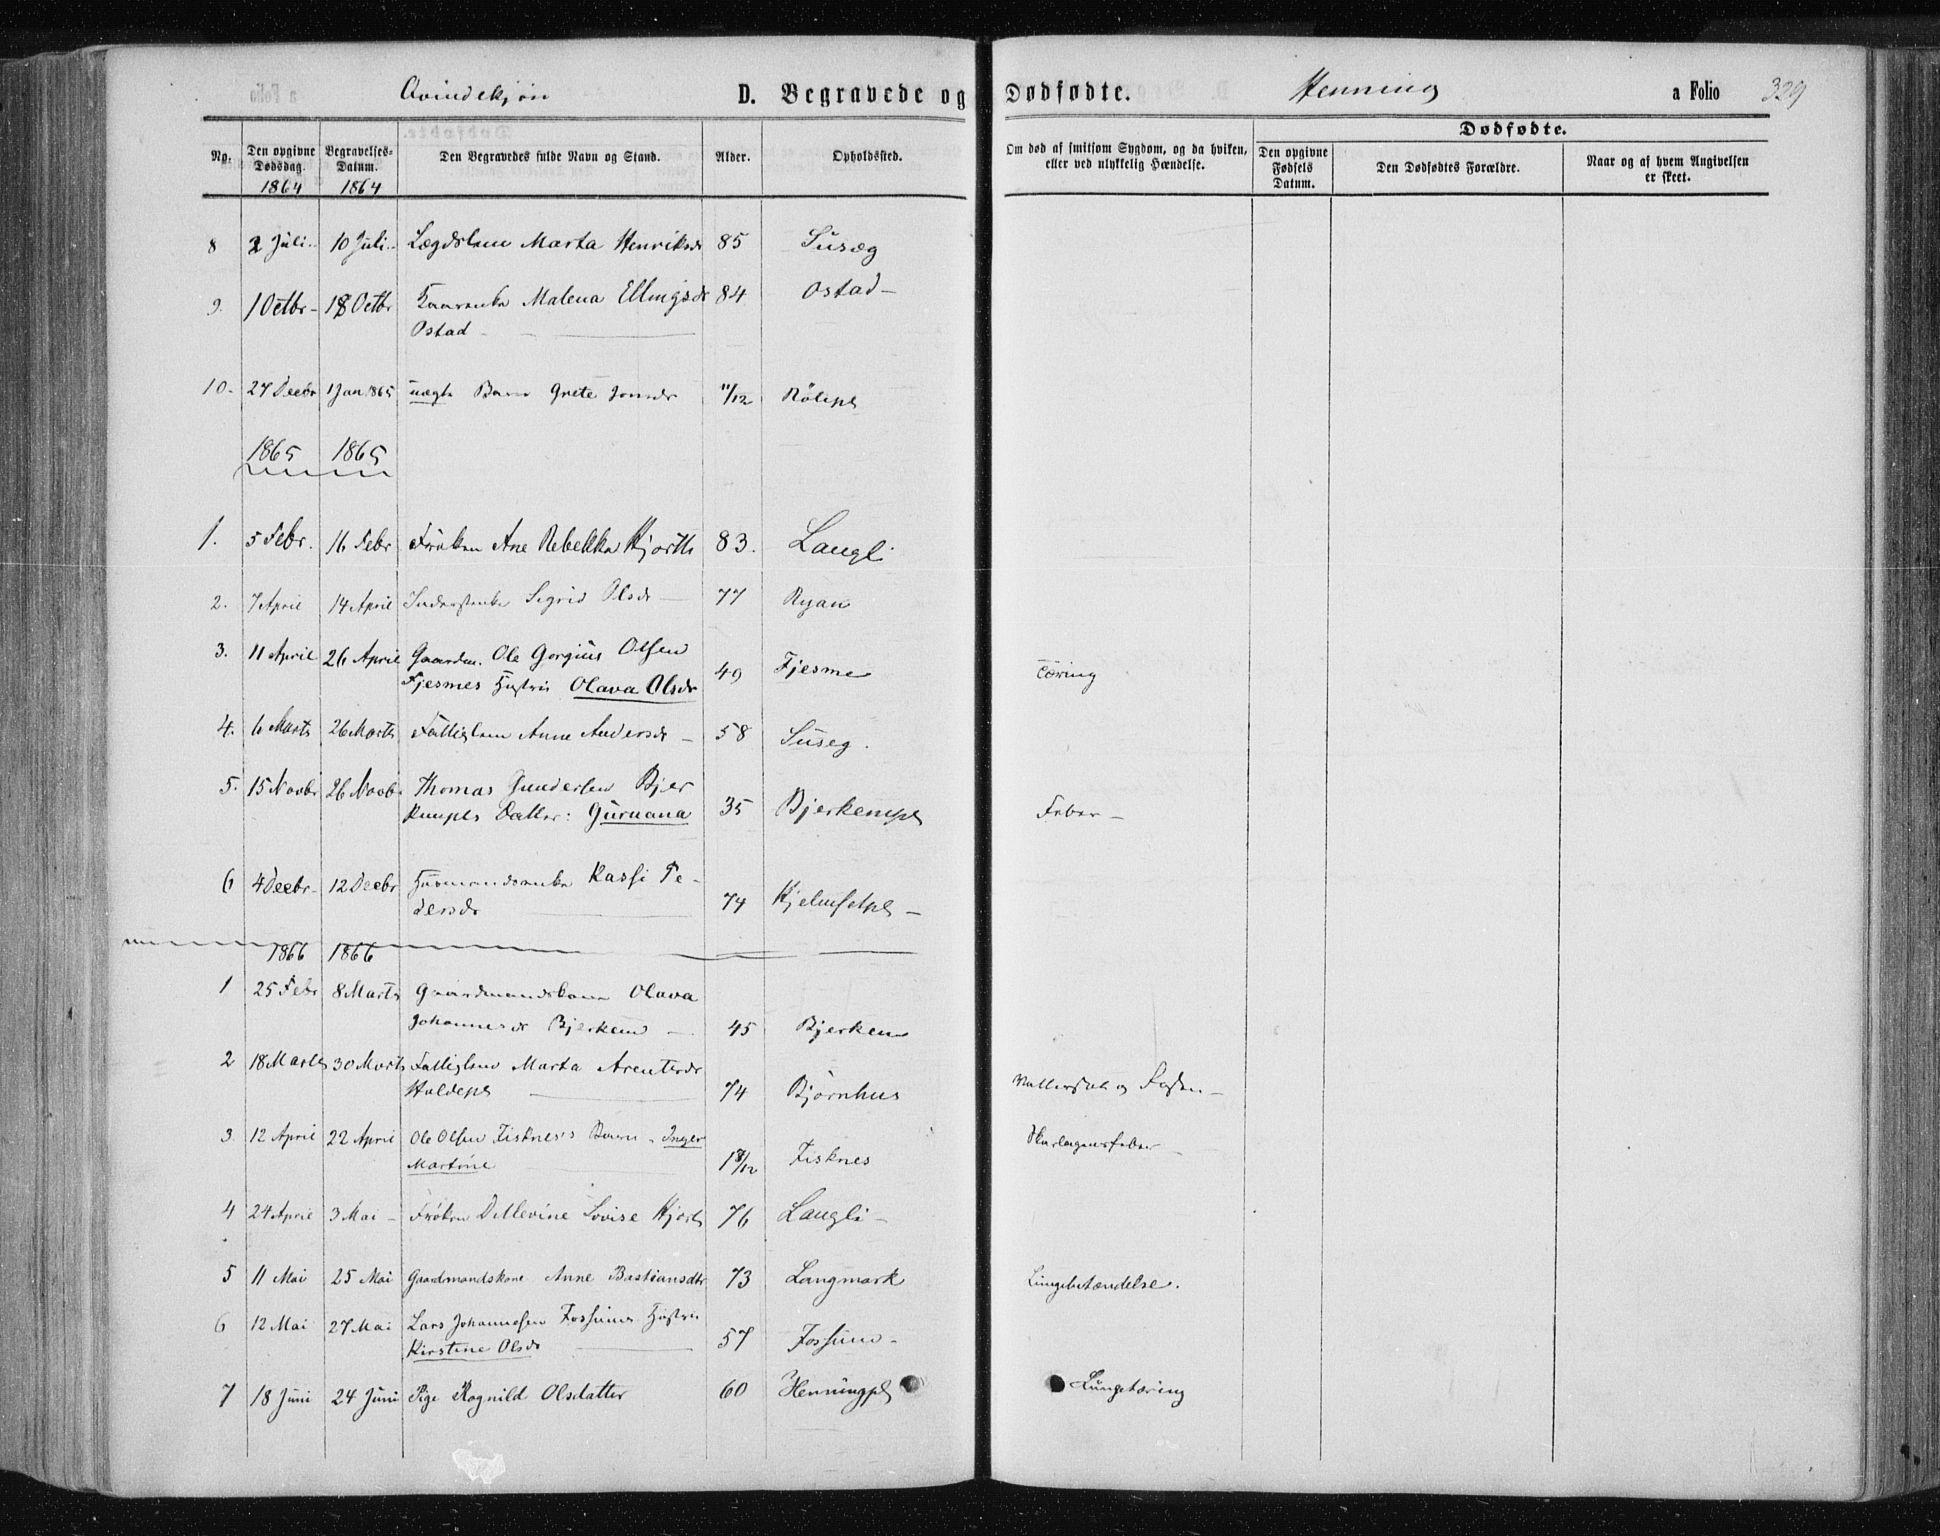 SAT, Ministerialprotokoller, klokkerbøker og fødselsregistre - Nord-Trøndelag, 735/L0345: Ministerialbok nr. 735A08 /3, 1863-1872, s. 329